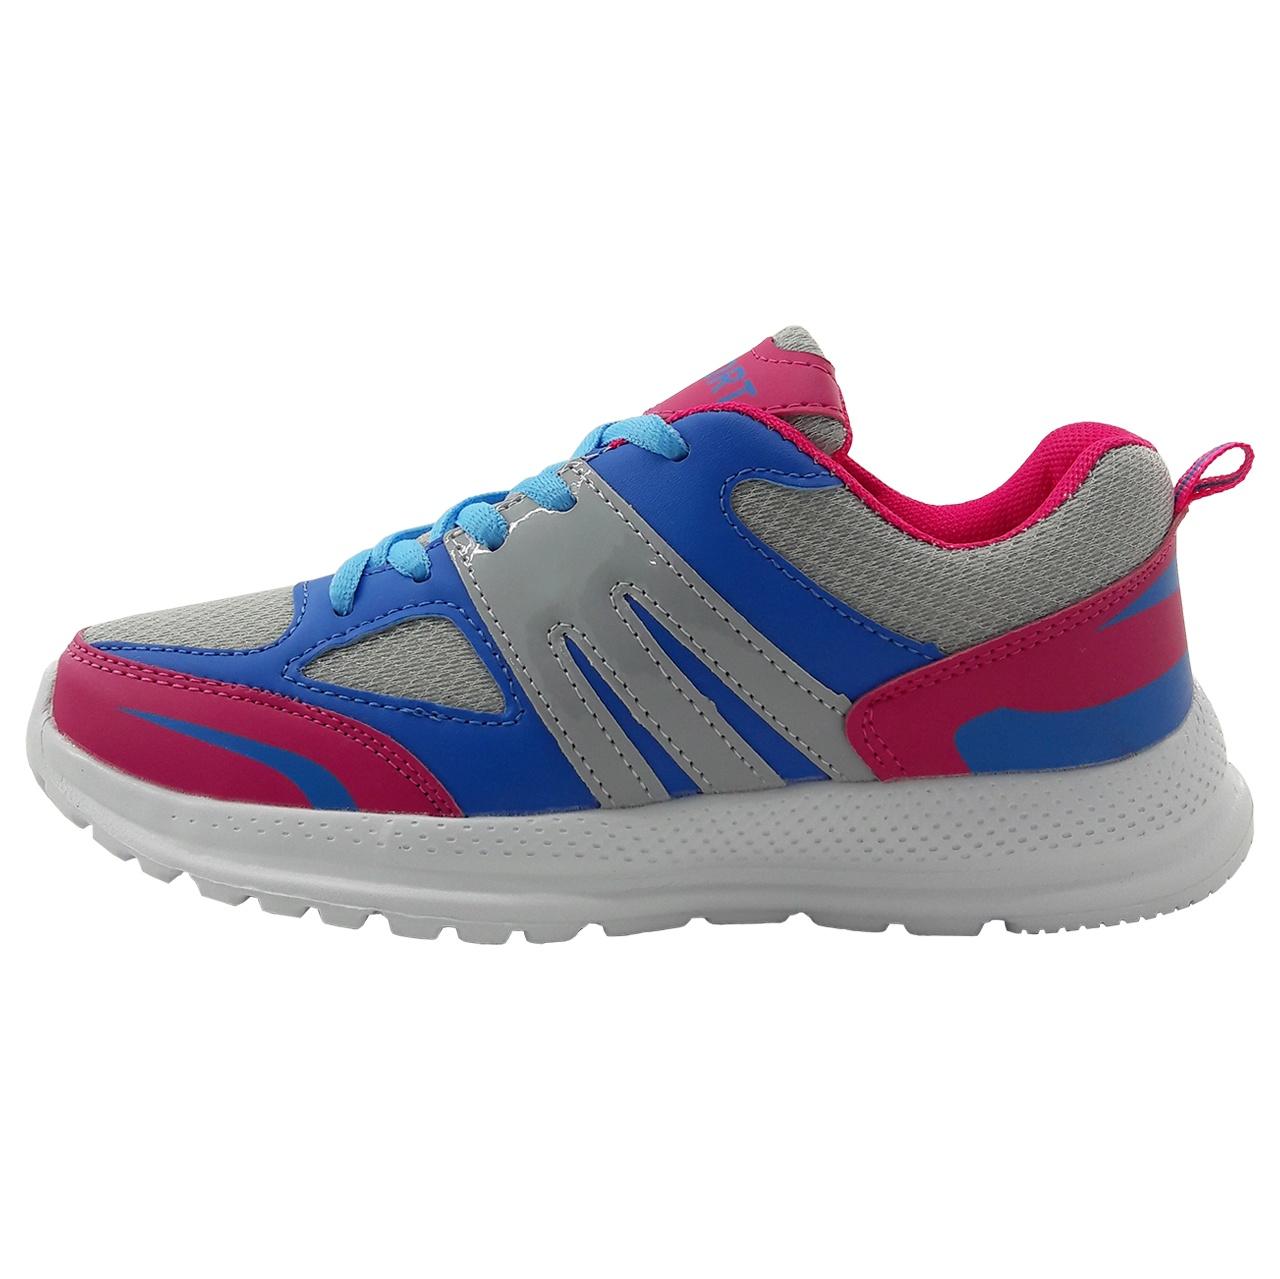 کفش مخصوص پیاده روی زنانه مدل Sport.zoom.blu-02